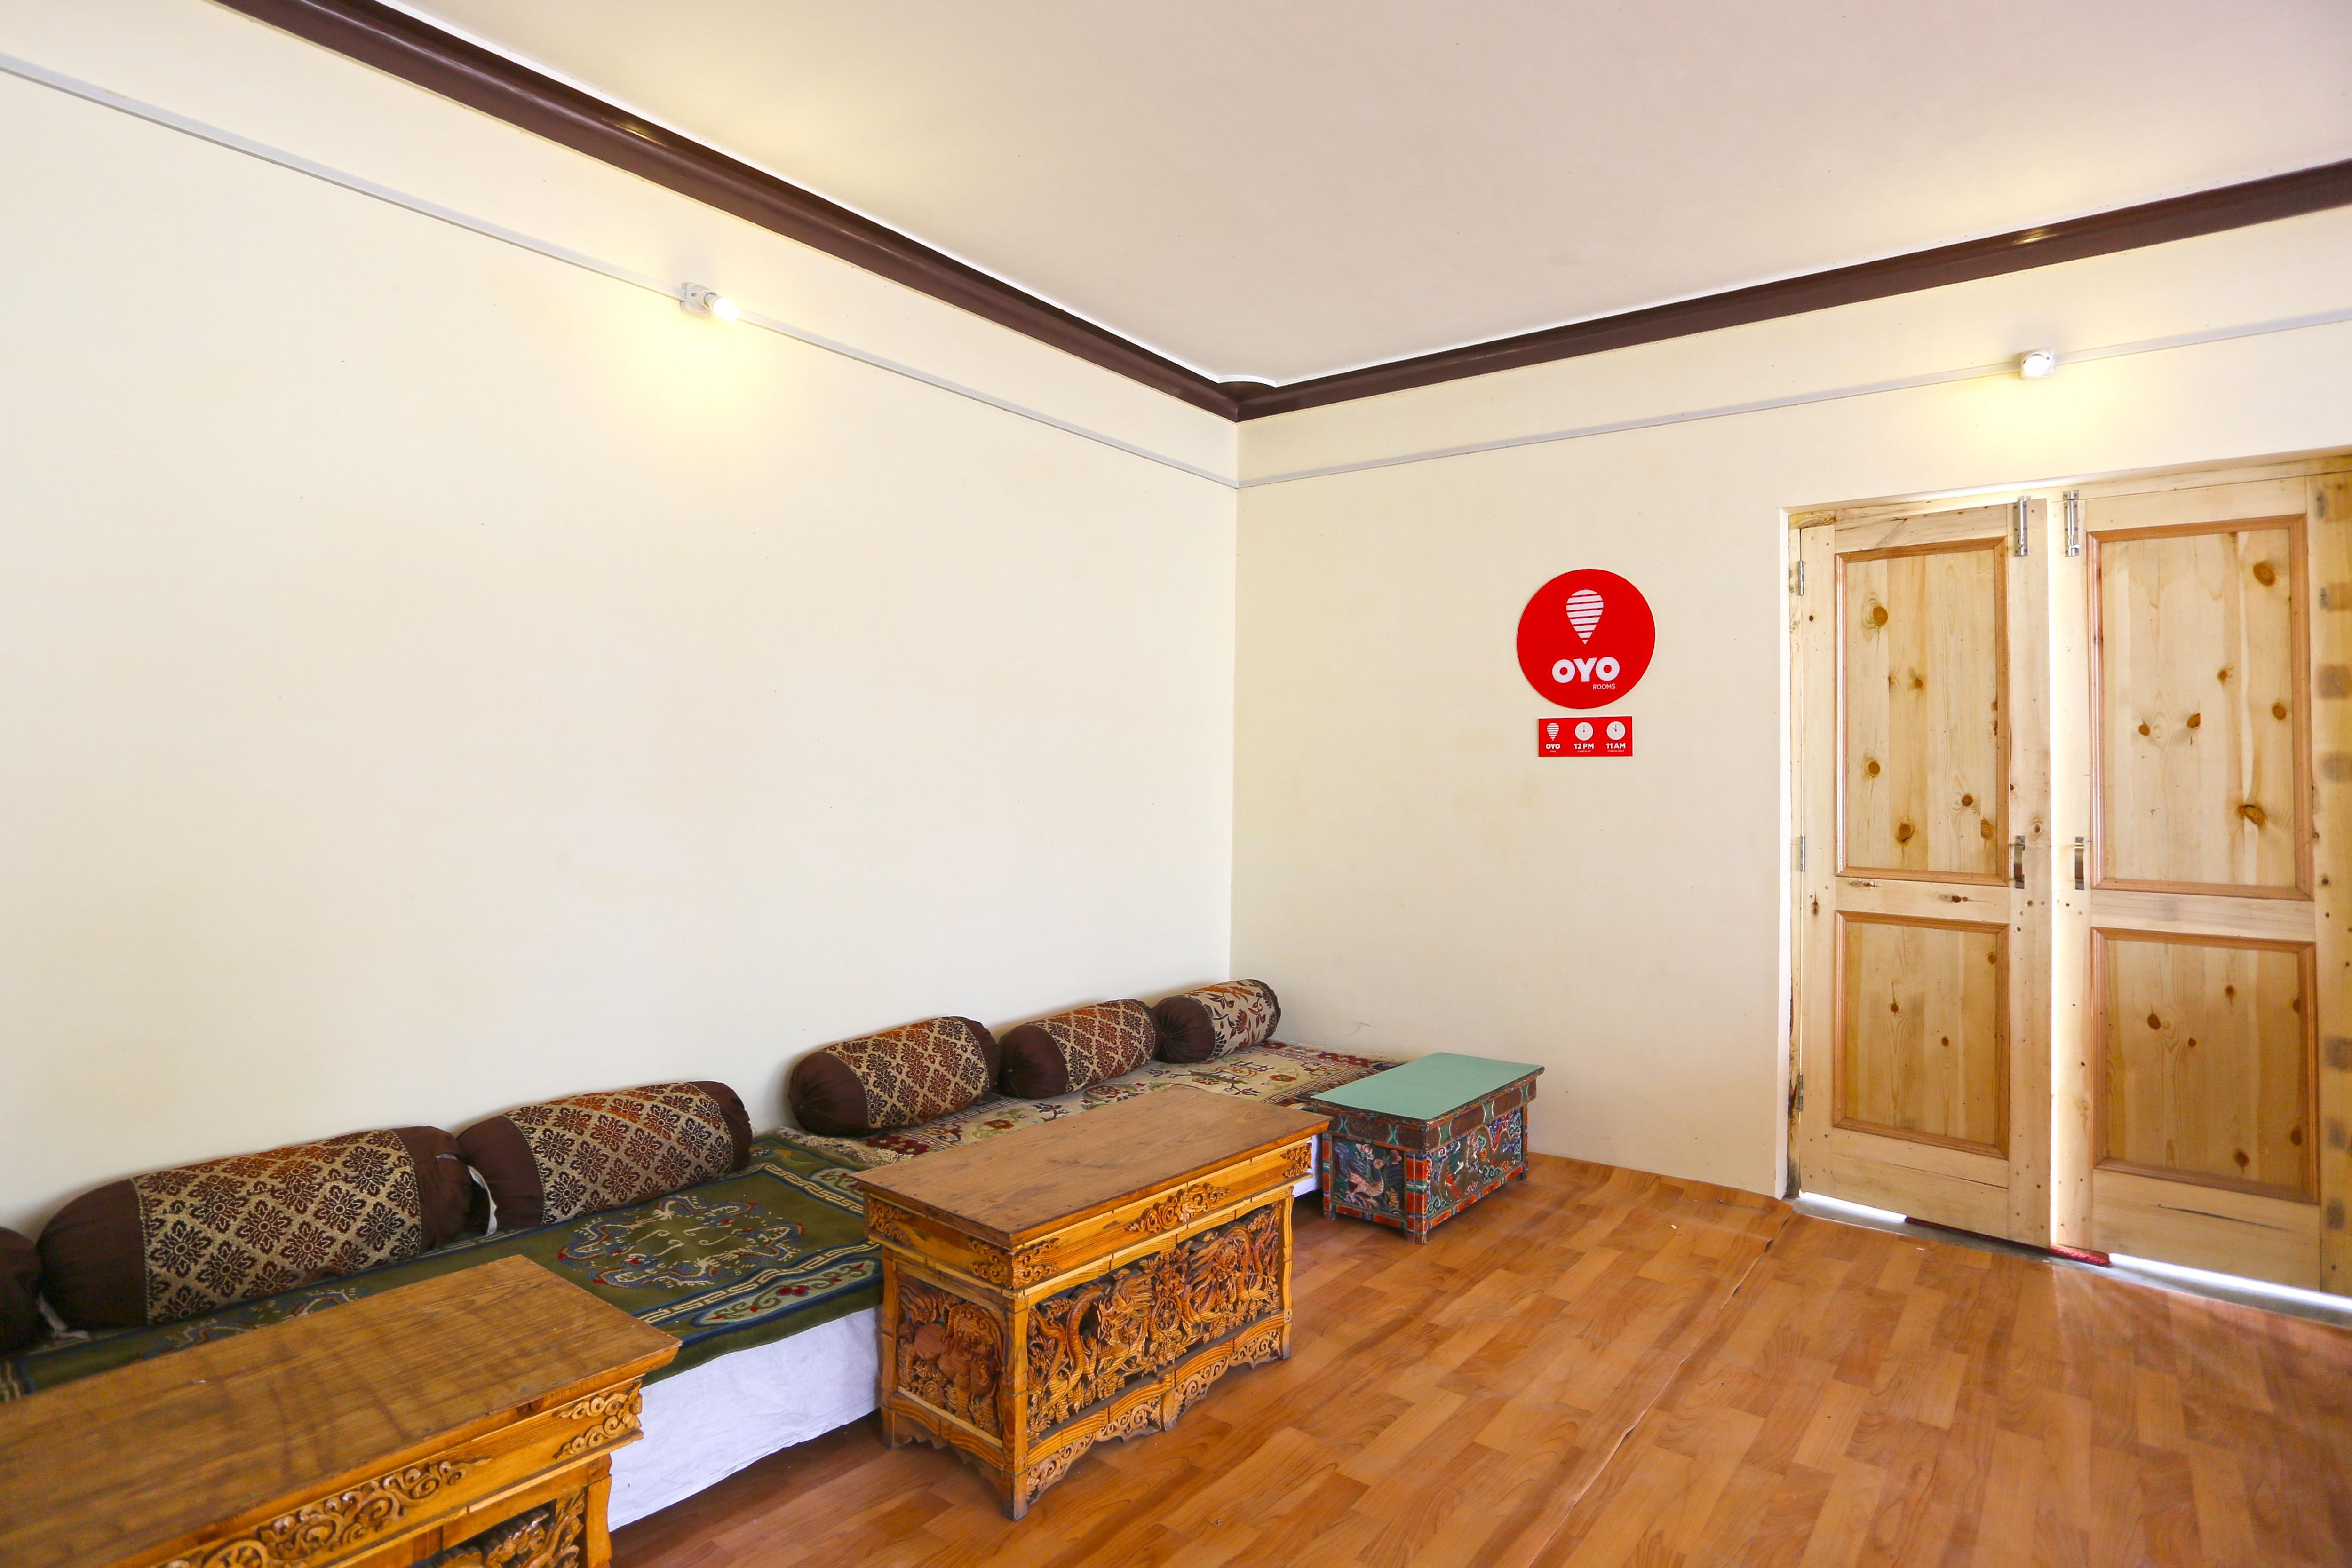 OYO Rooms Sumoor Nubra